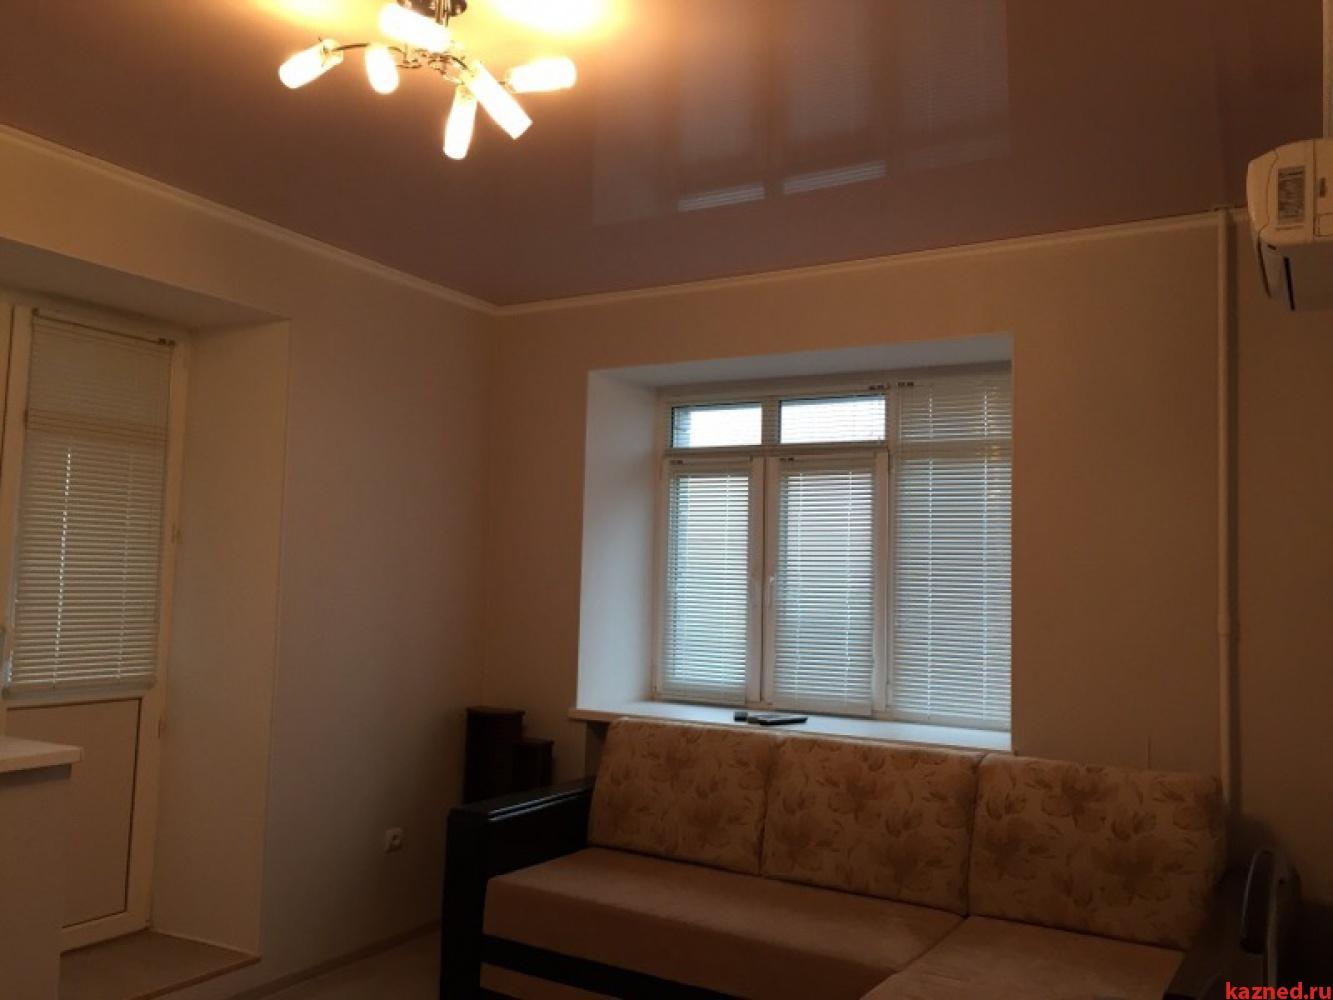 Продажа 1-к квартиры кариева дом 5, 45 м²  (миниатюра №7)